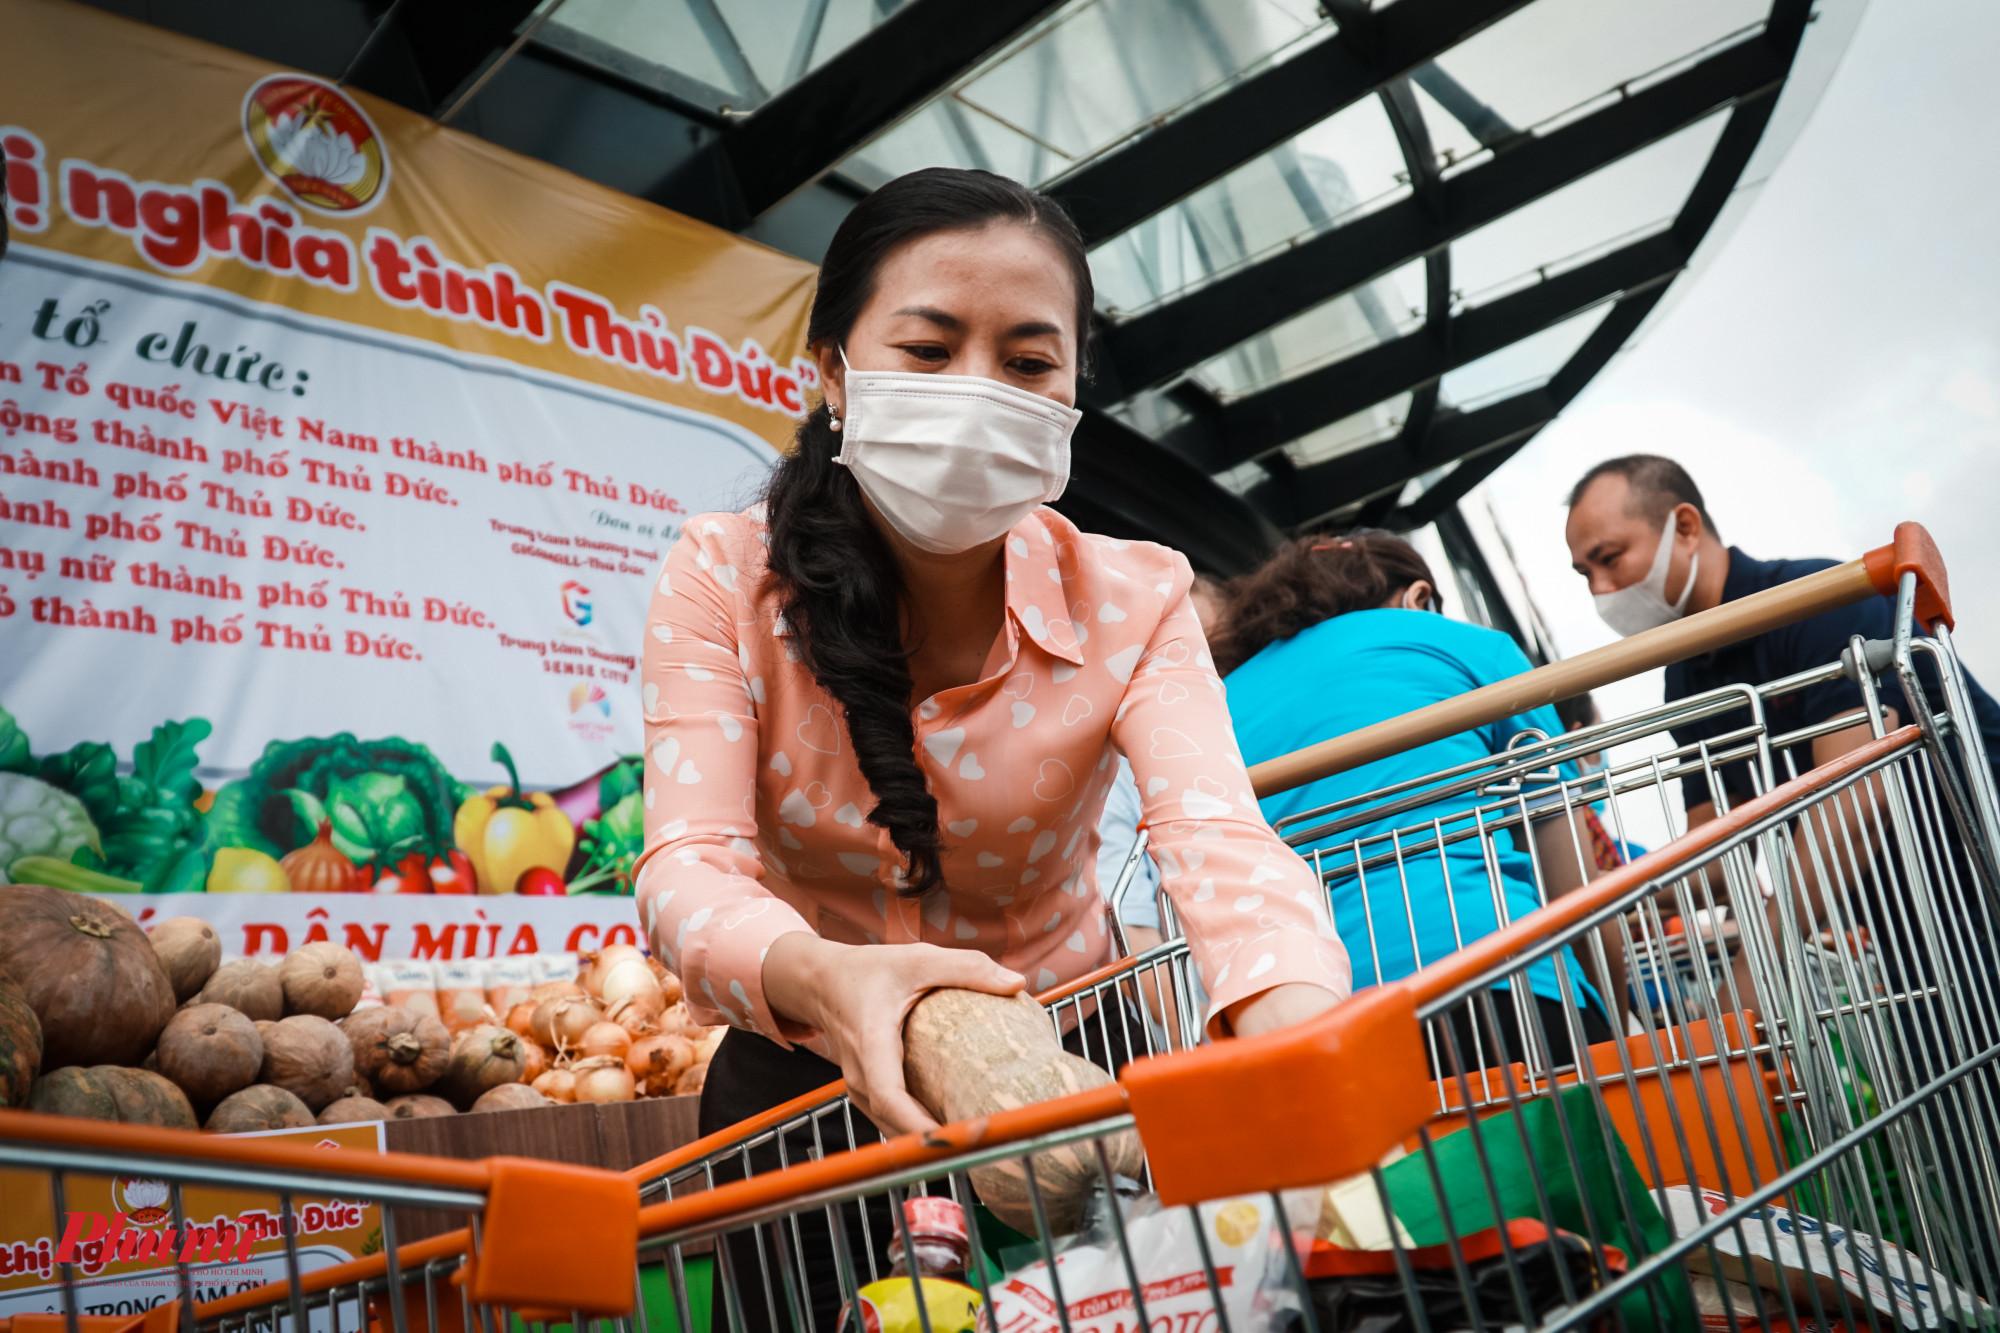 Bà Phan Kiều Thanh Hương - PCT Ủy ban MTTQ Việt Nam TPHCM đi chợ giúp người dân trong khu cách ly